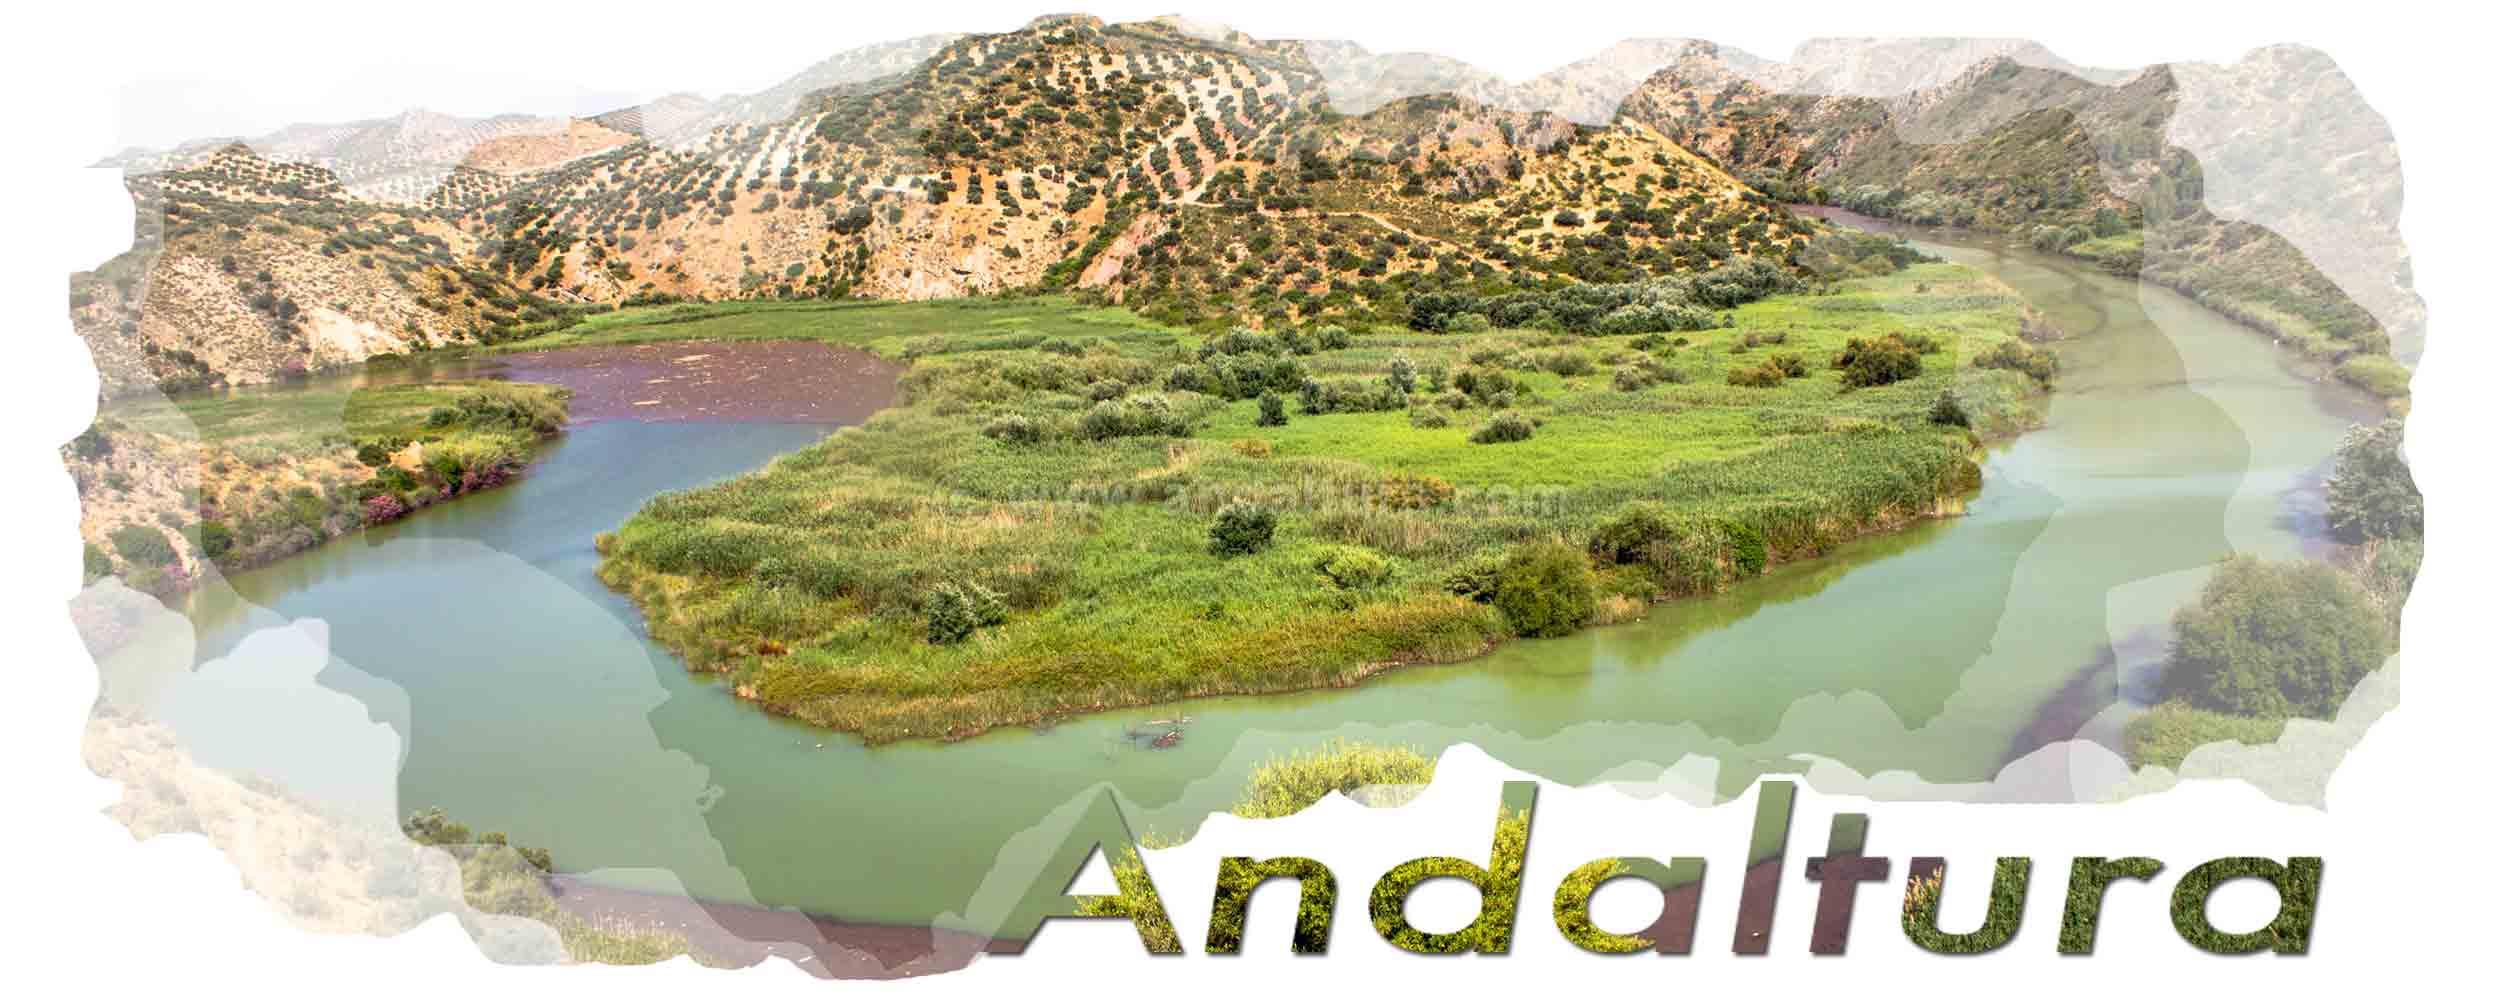 Cabecera ampliaciones de Andaltura. Meandro del Río Genil